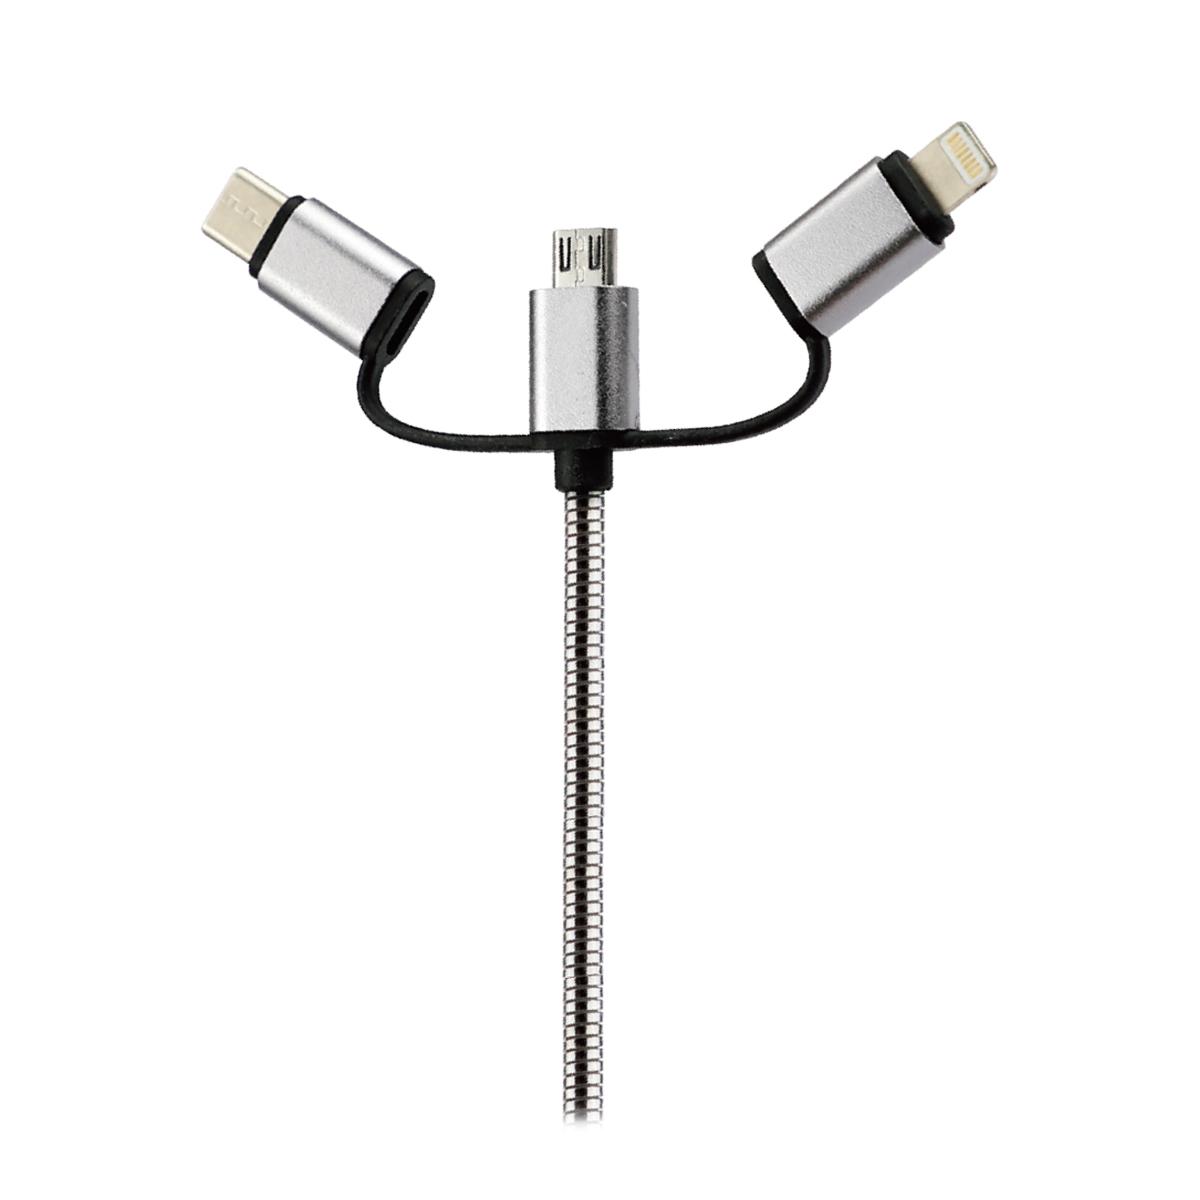 Cable de datos USB 3 en 1 Full Metal